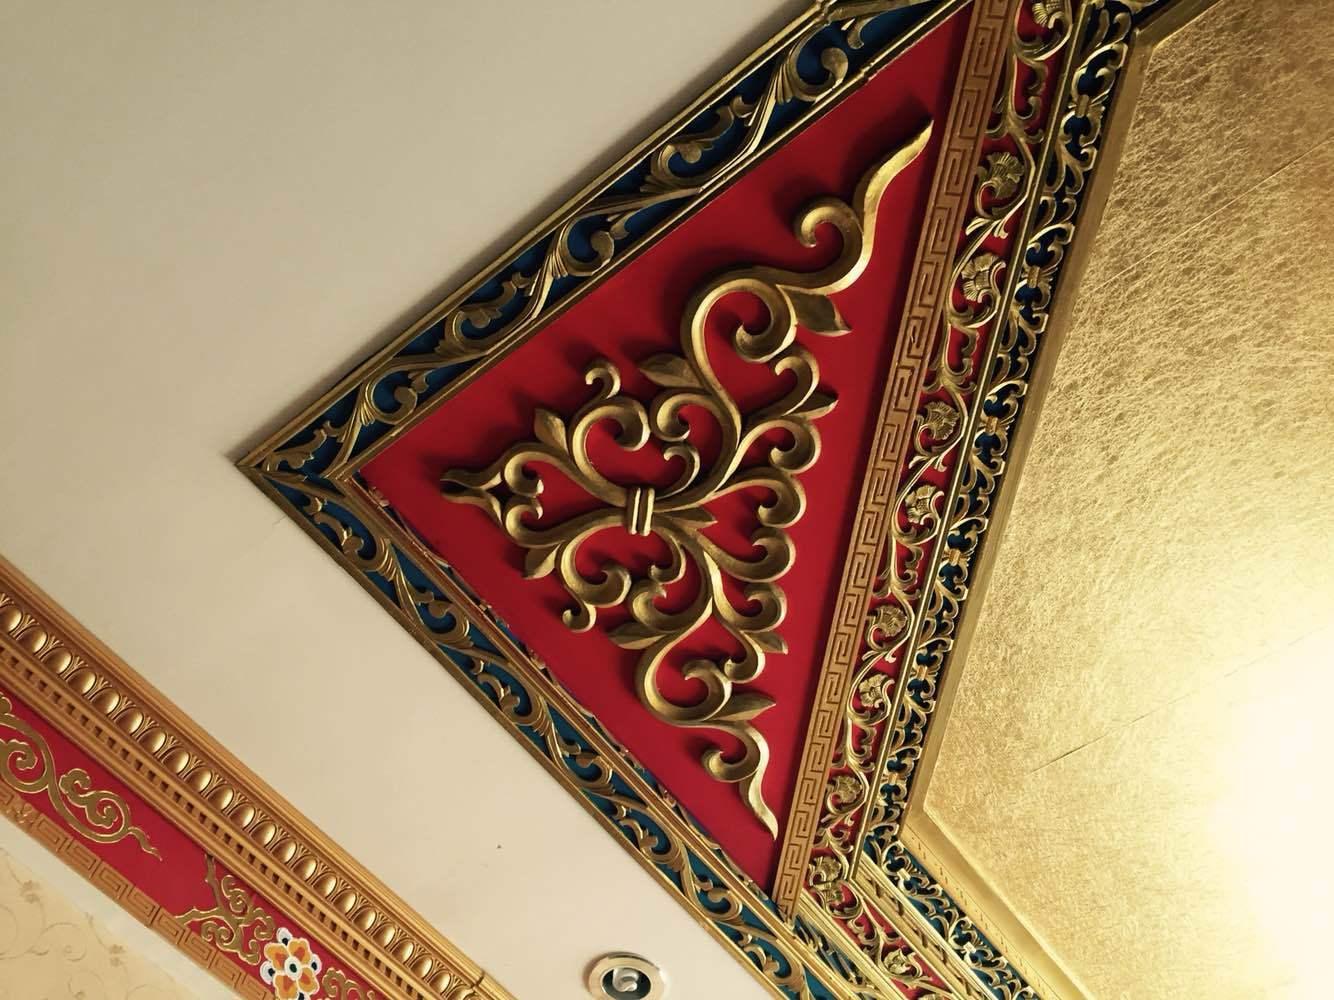 0分2015年08月入住 商务单间 藏式风格,不错,看吊顶设计艳丽,花纹精致图片